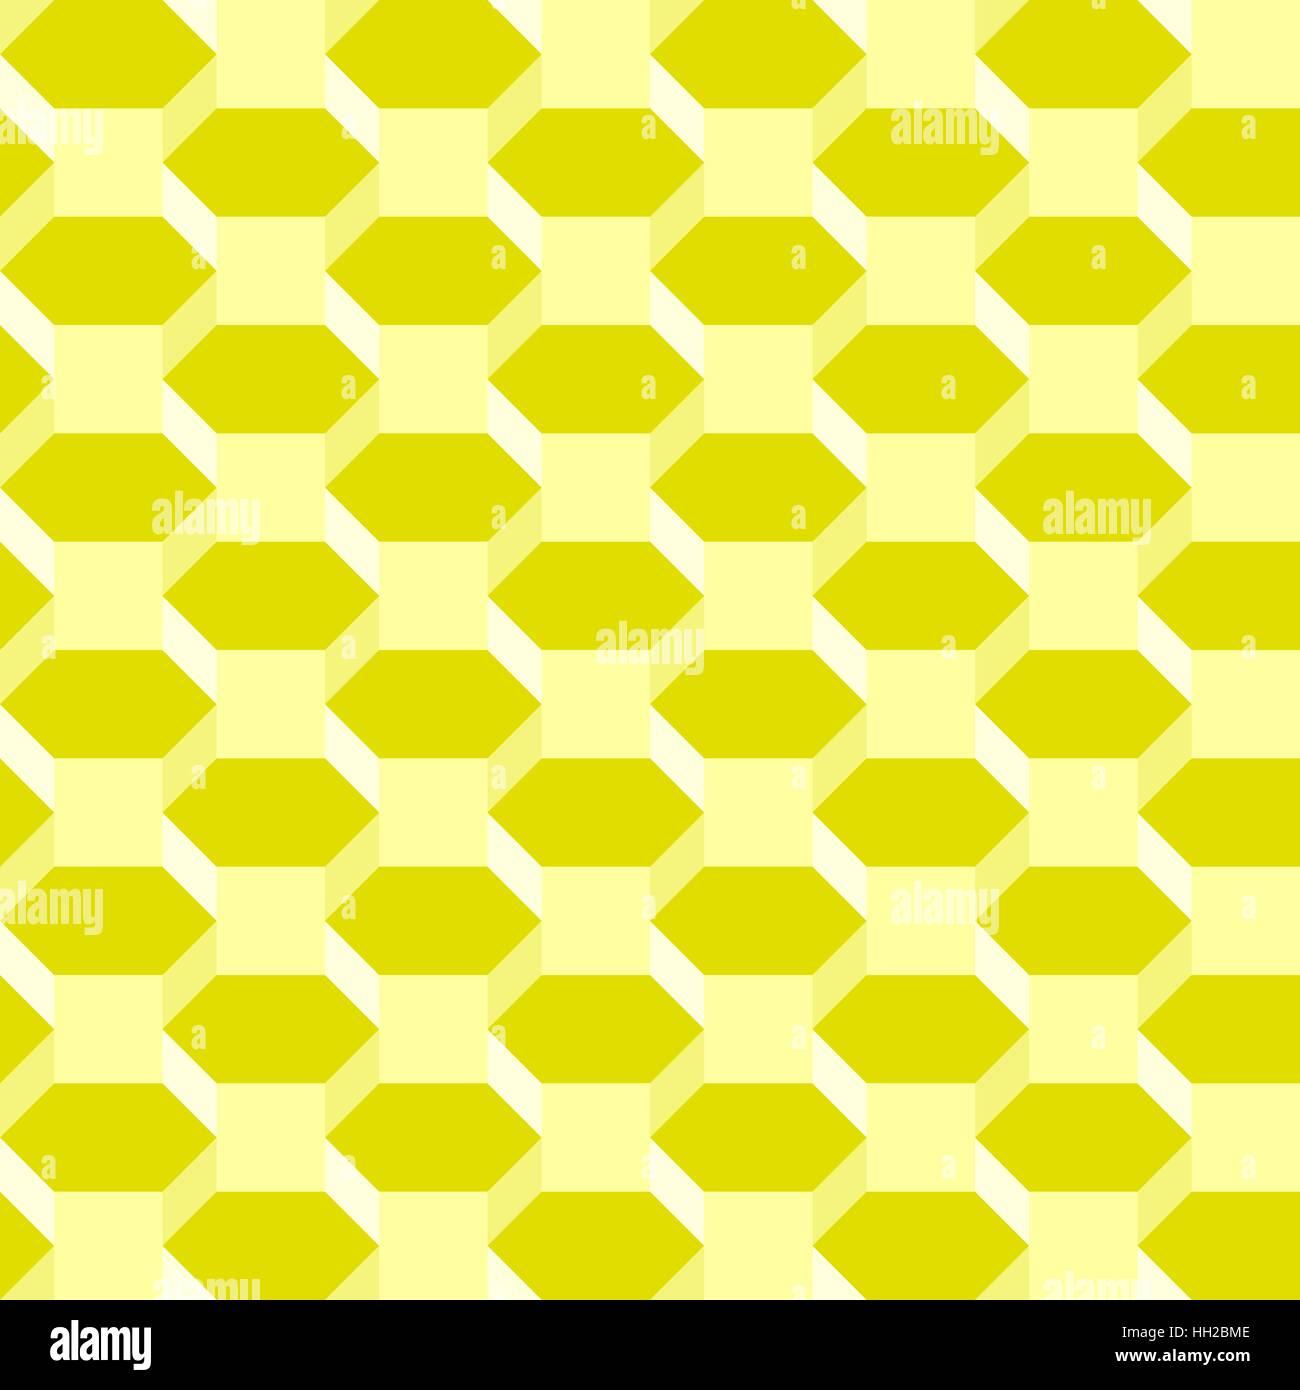 Nett Muster Blockvorlage Zeitgenössisch - Bilder für das Lebenslauf ...